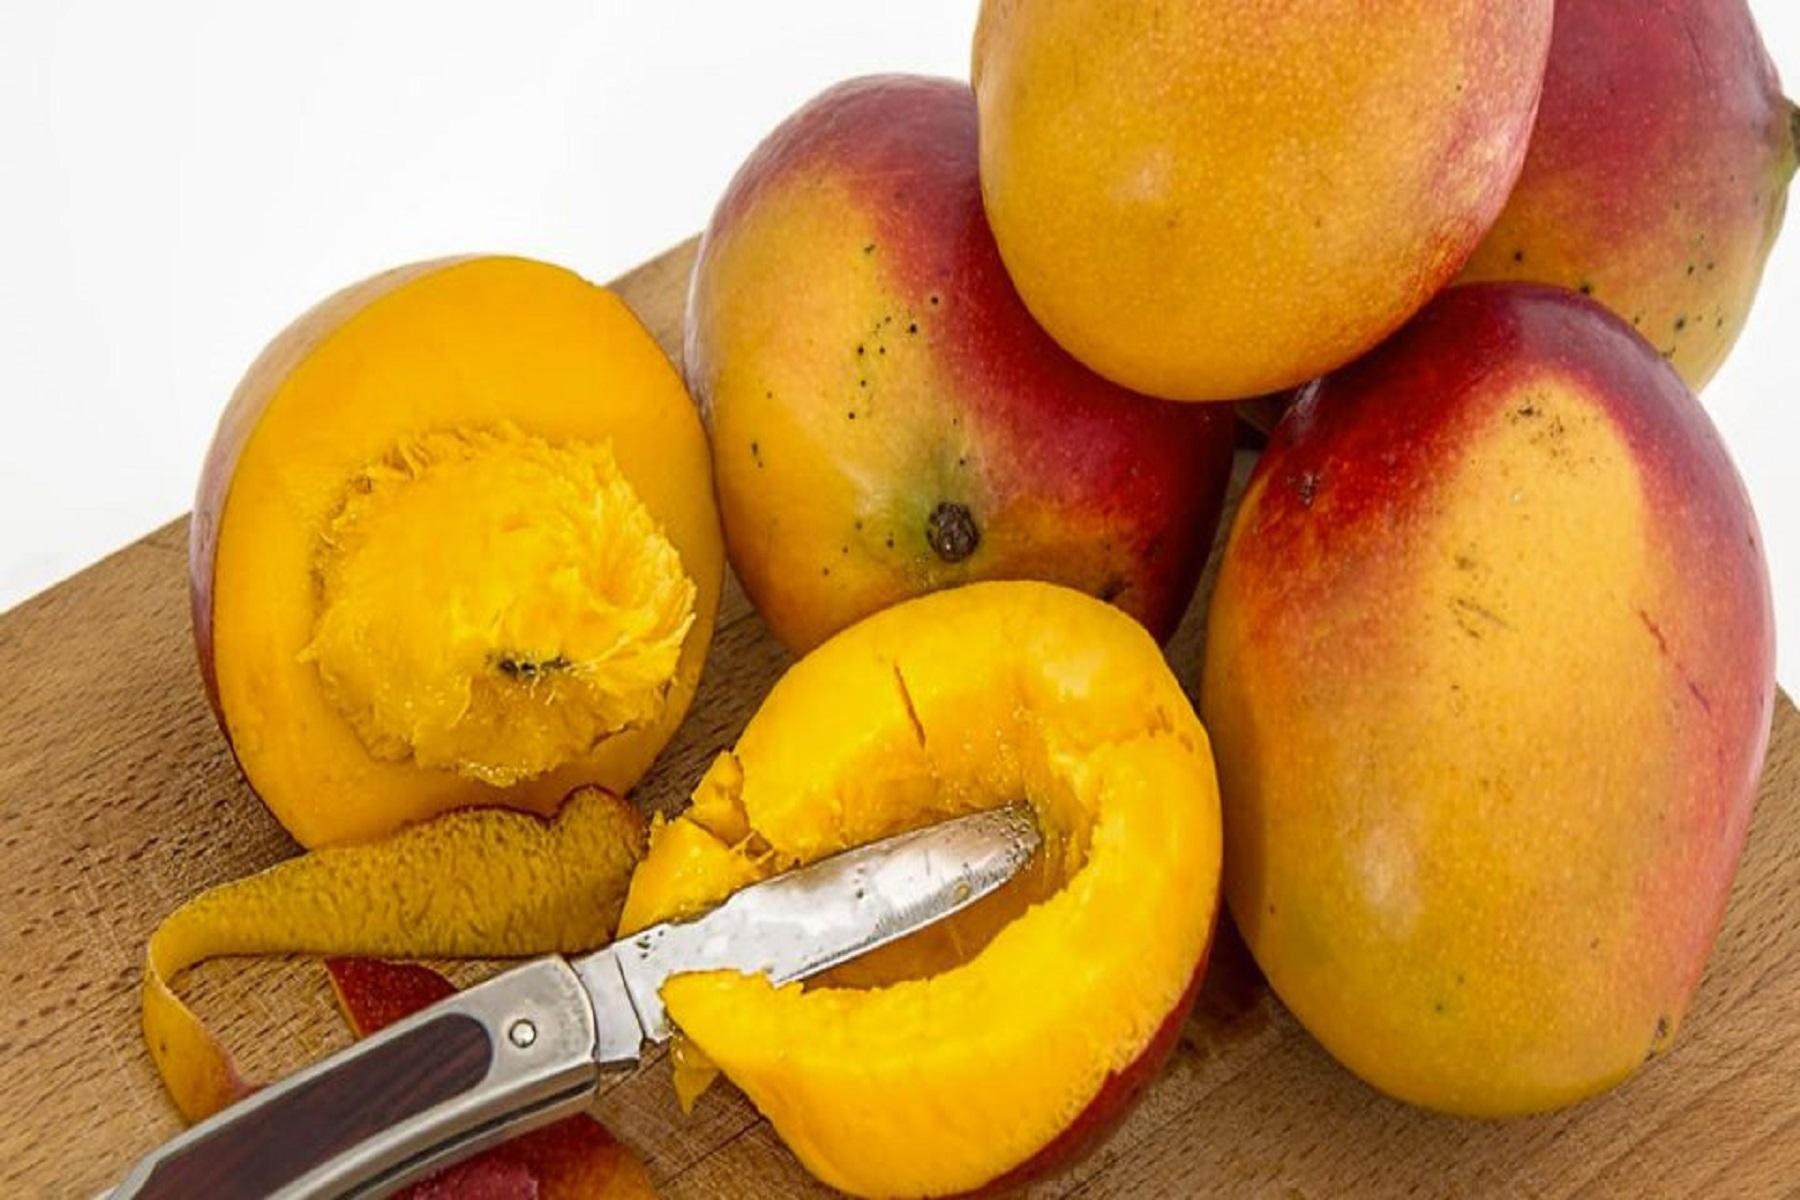 Άνοιξη Δίαιτα: Φρούτα που δεν πρέπει να λείπουν από το διαιτολόγιό σας αυτήν την περίοδο